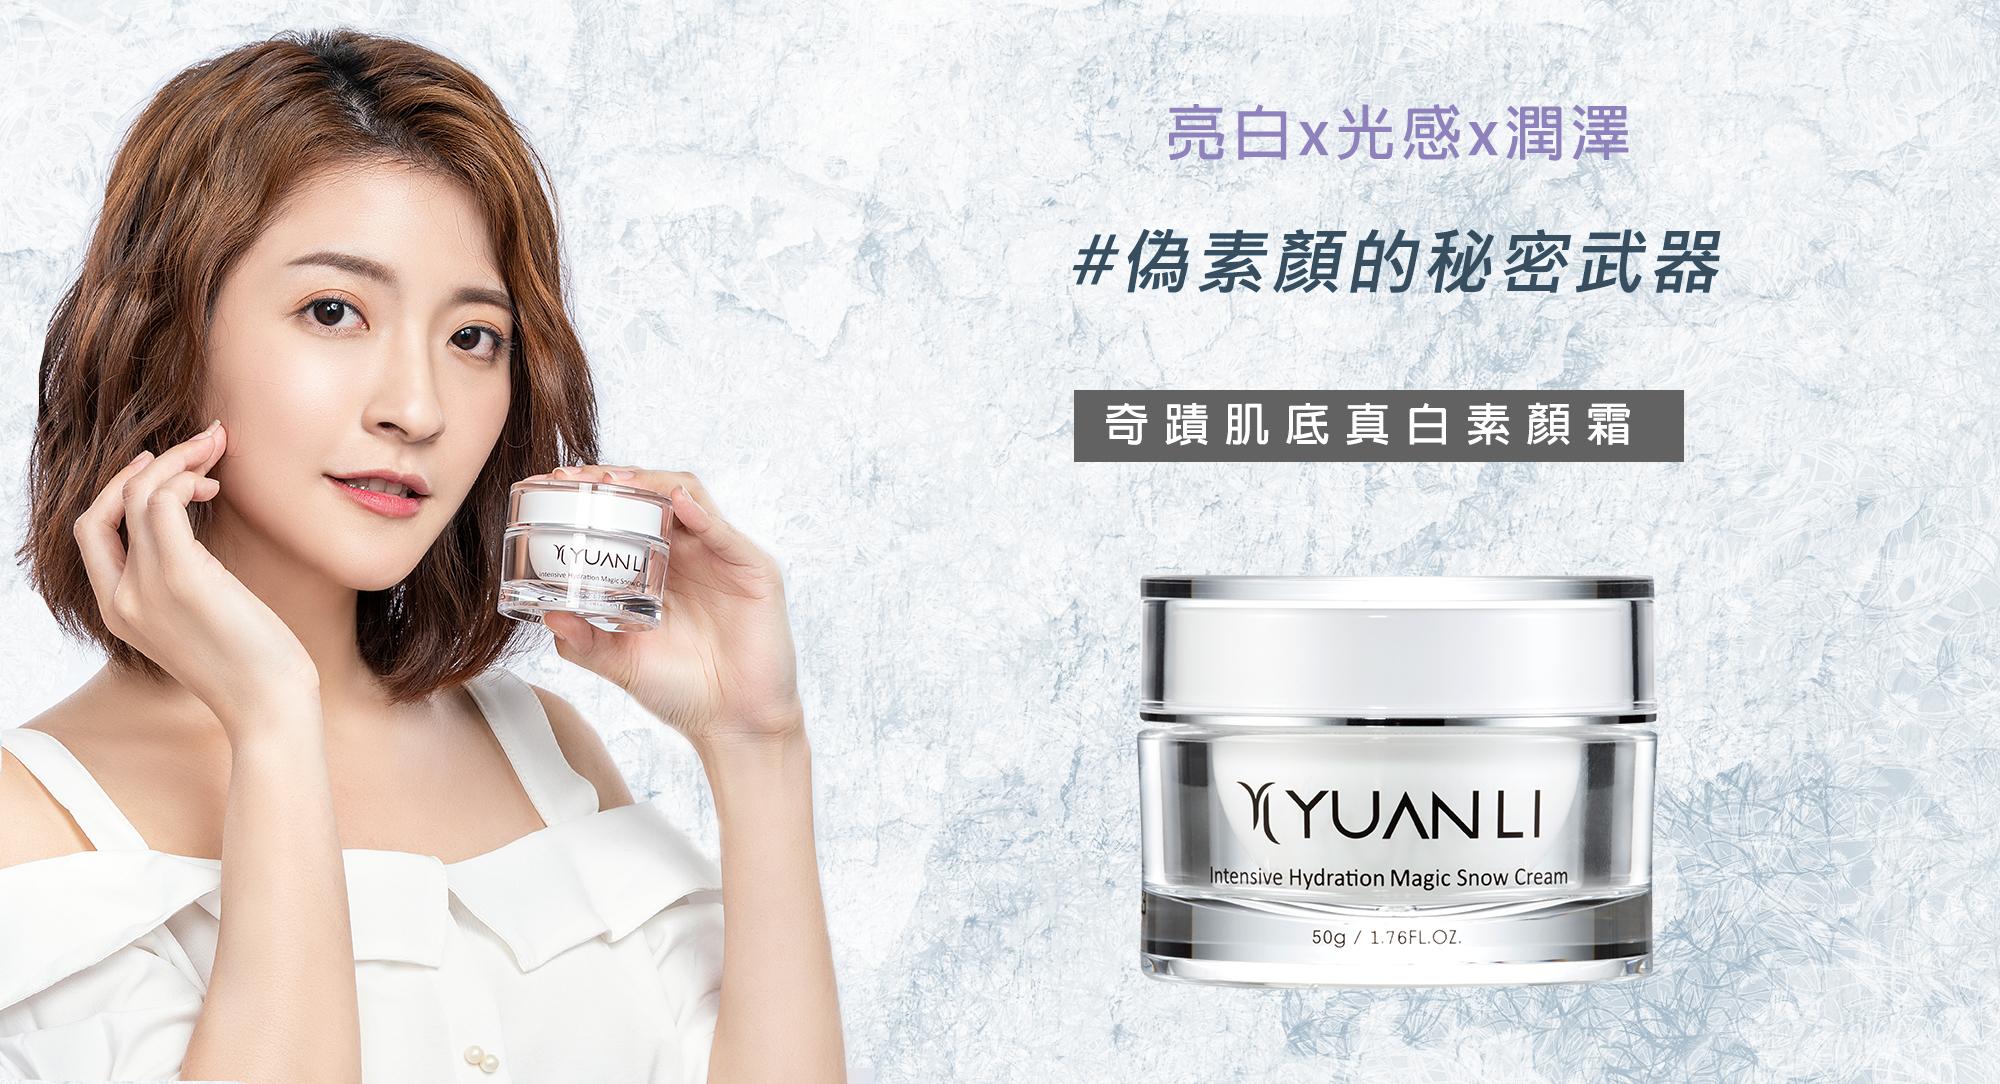 YUANLI, Skincare, whitening cream